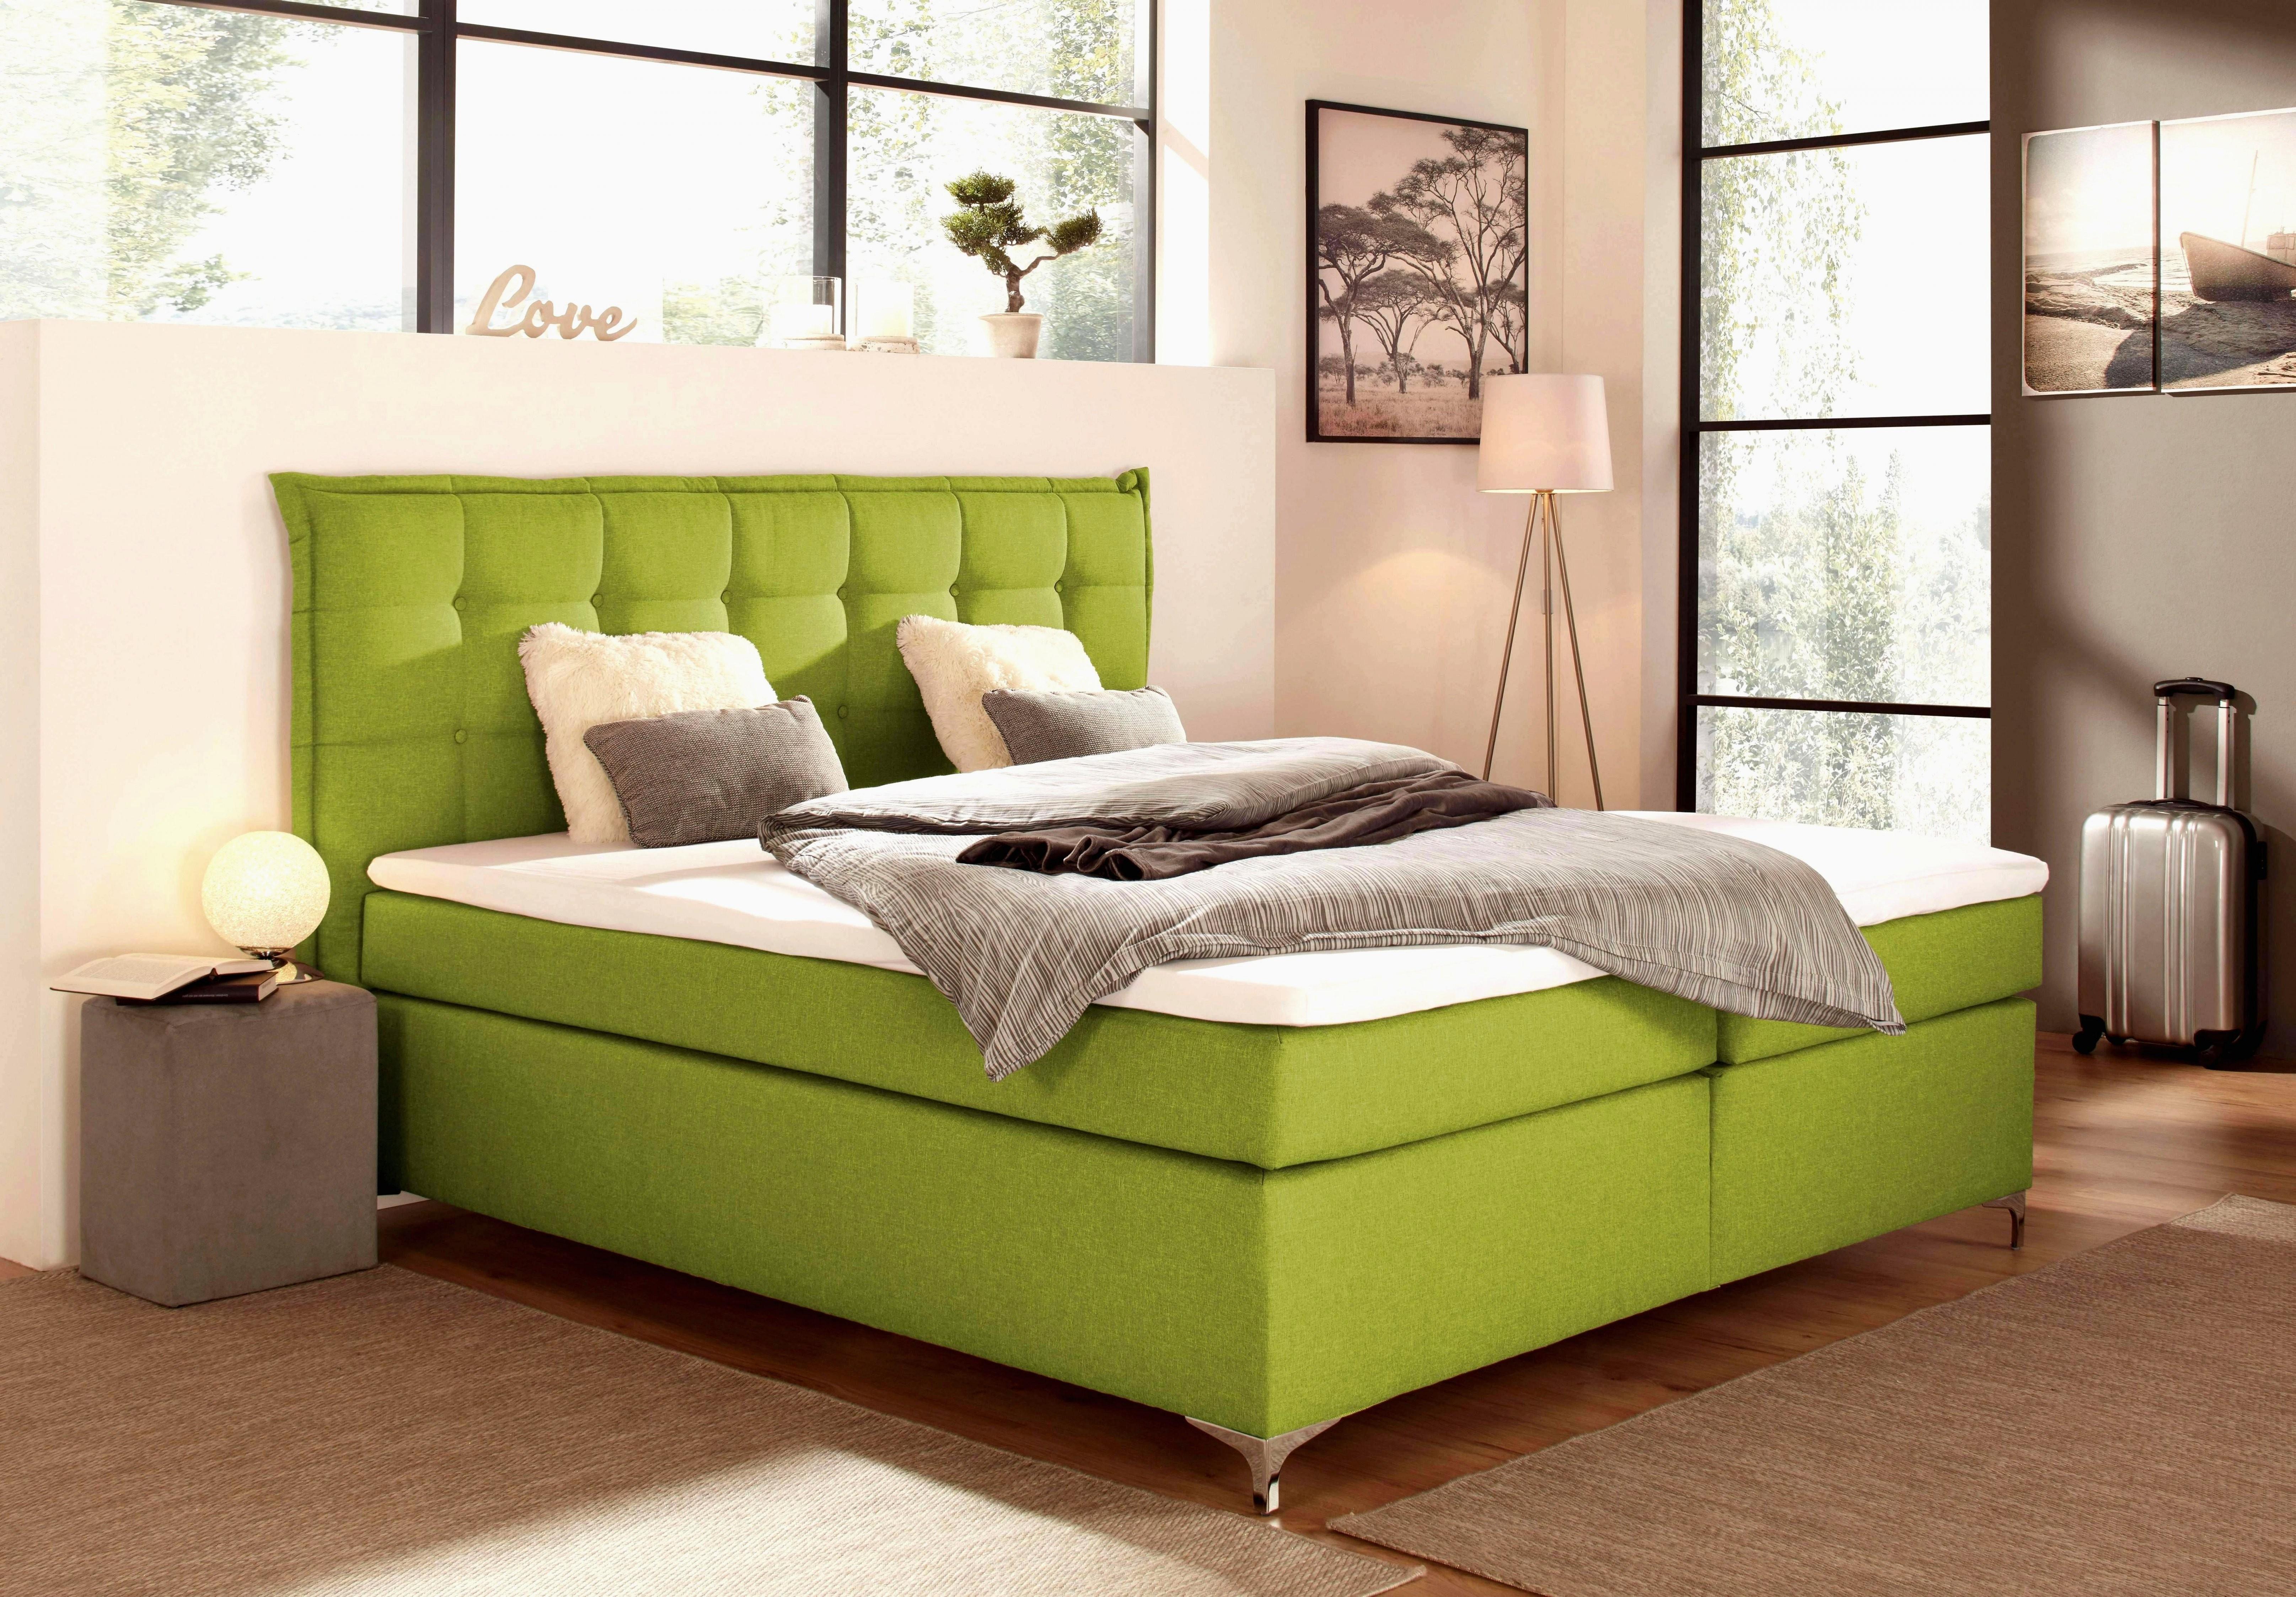 polsterliege mit bettkasten sch n cool finke betten 50 genial von polsterbett 160x200 mit. Black Bedroom Furniture Sets. Home Design Ideas